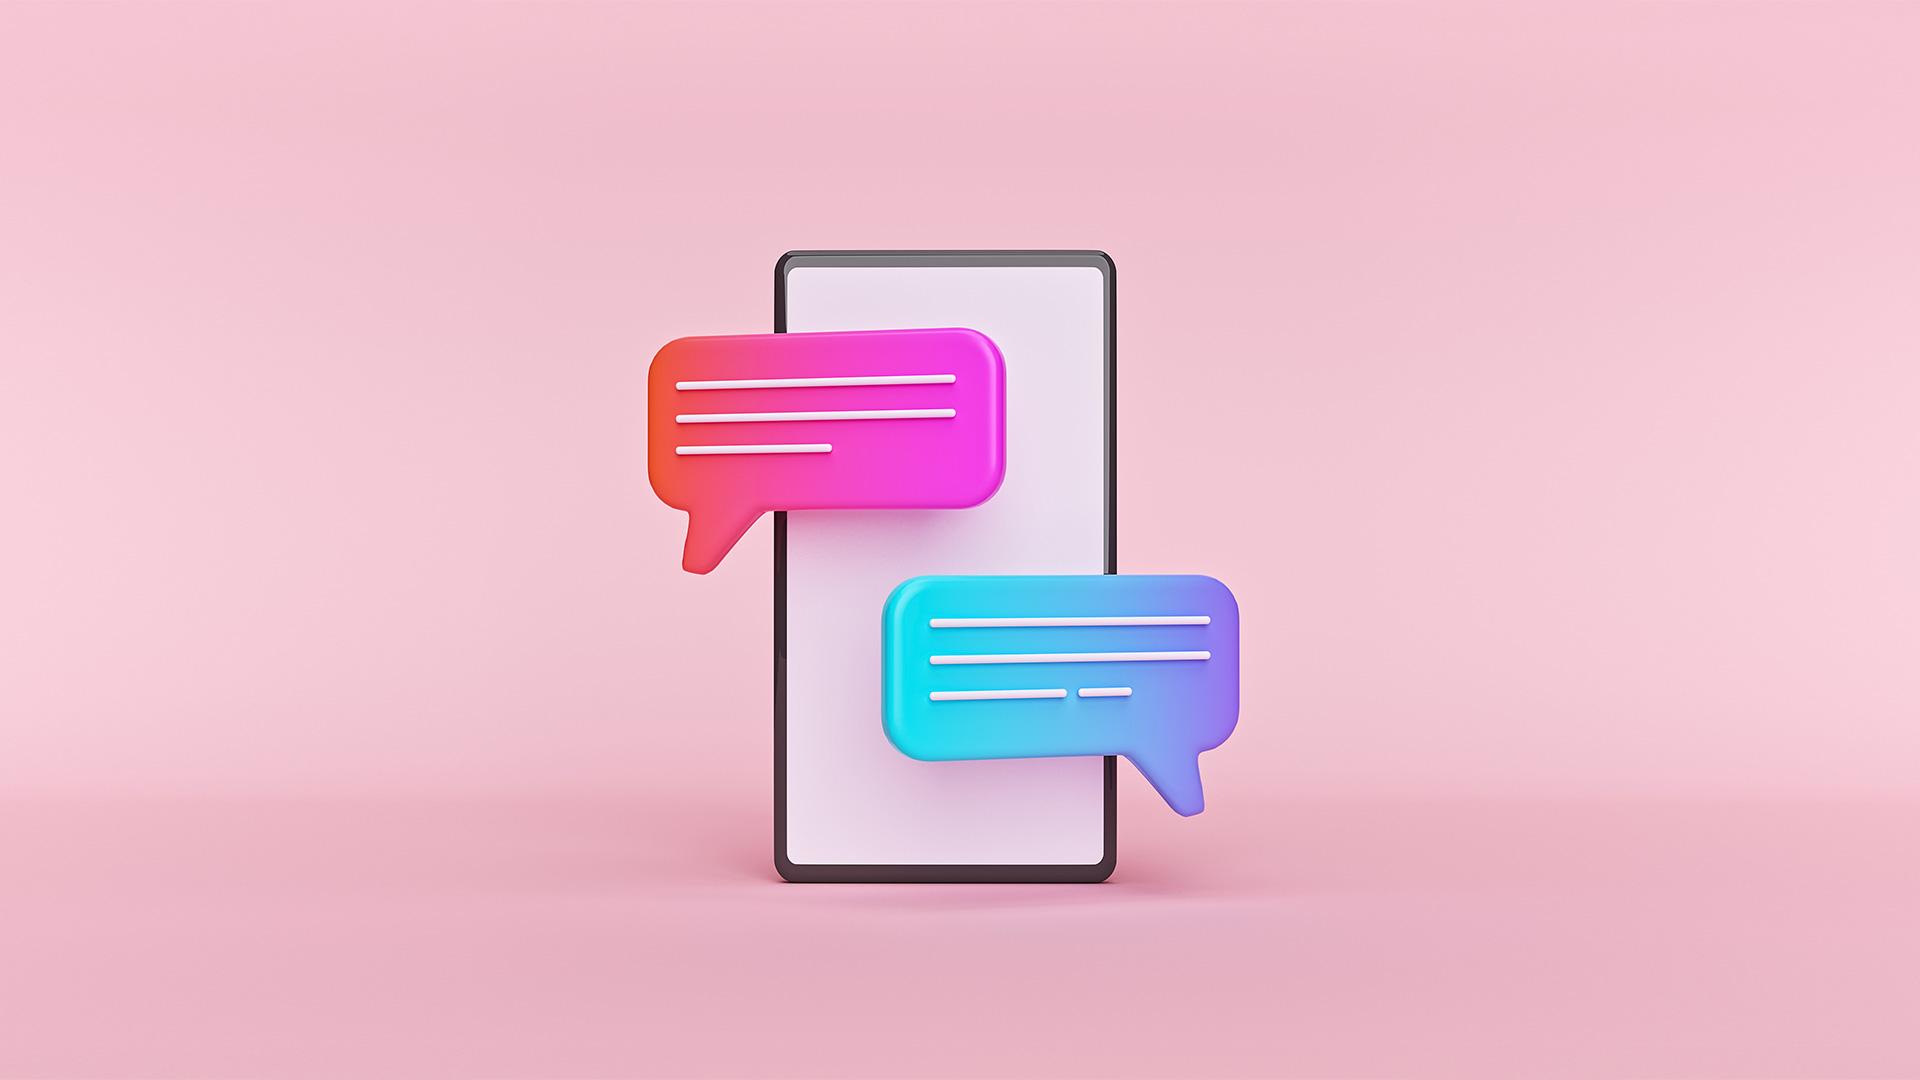 komunikator nastronie awzrost konwersji